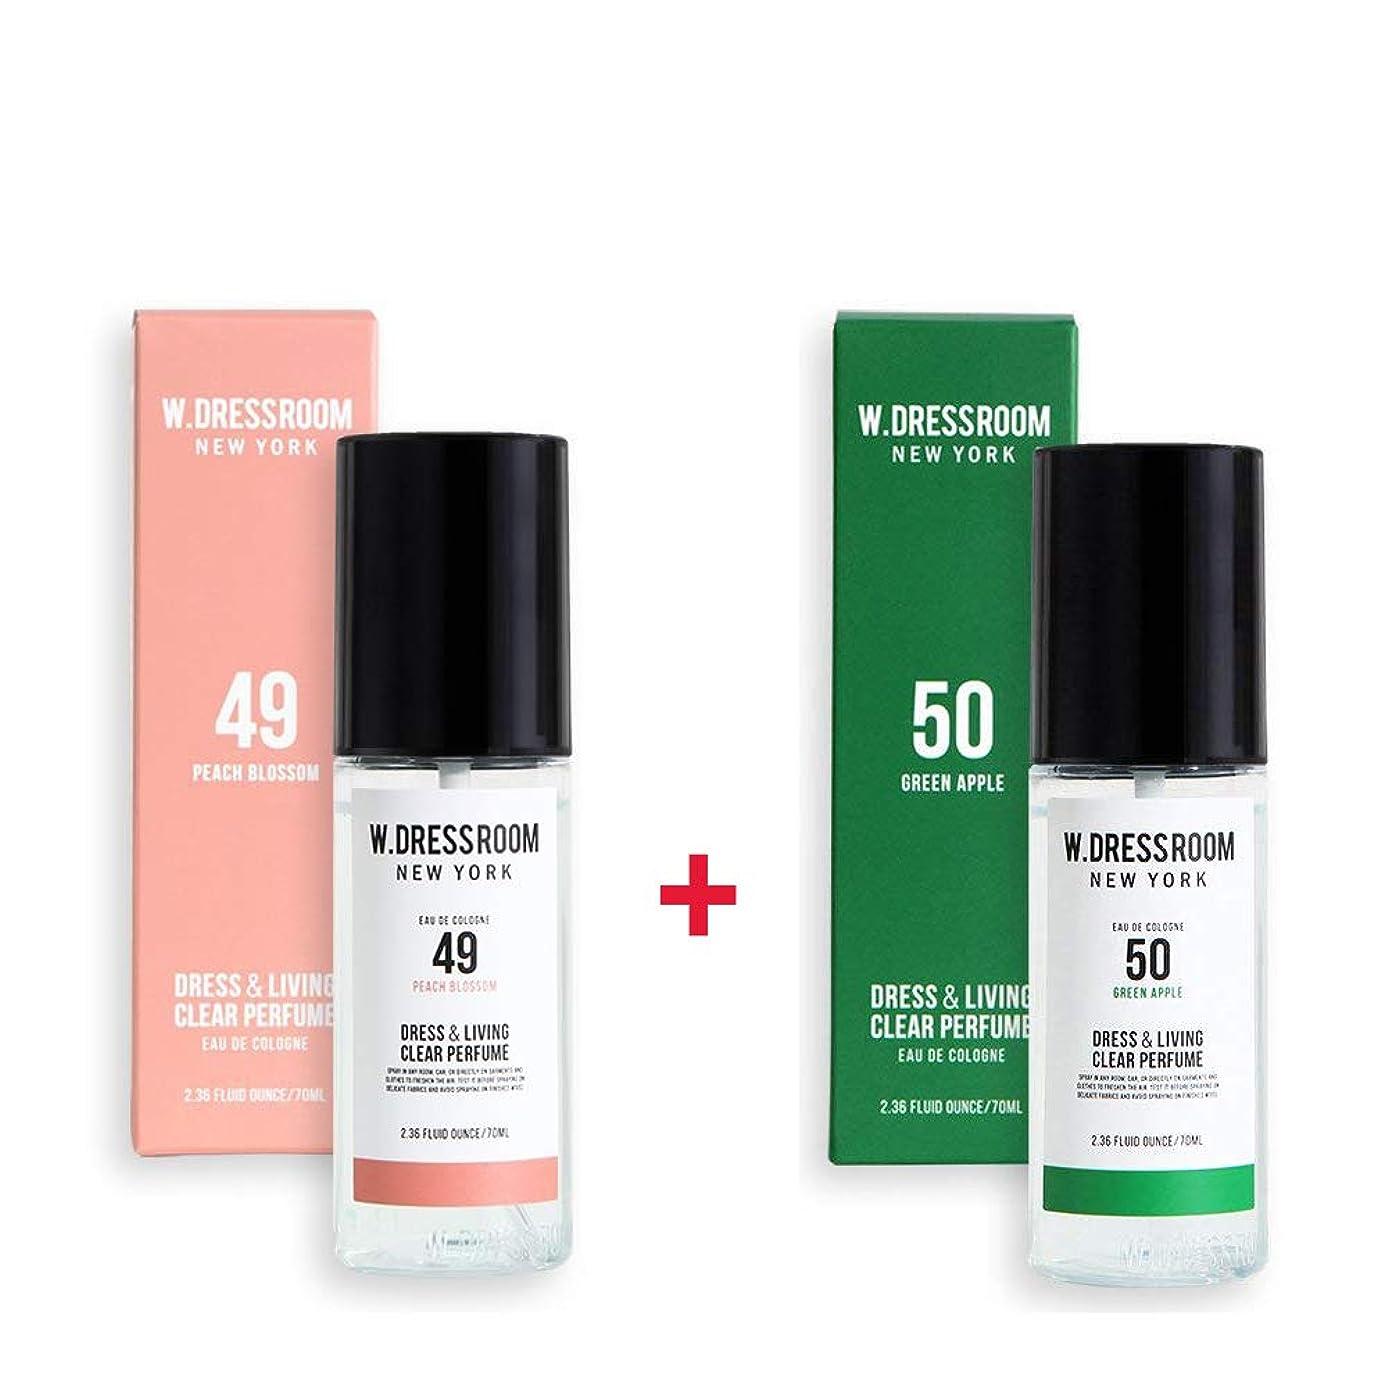 胴体感覚ペットW.DRESSROOM Dress & Living Clear Perfume 70ml (No 49 Peach Blossom)+(No 50 Green Apple)